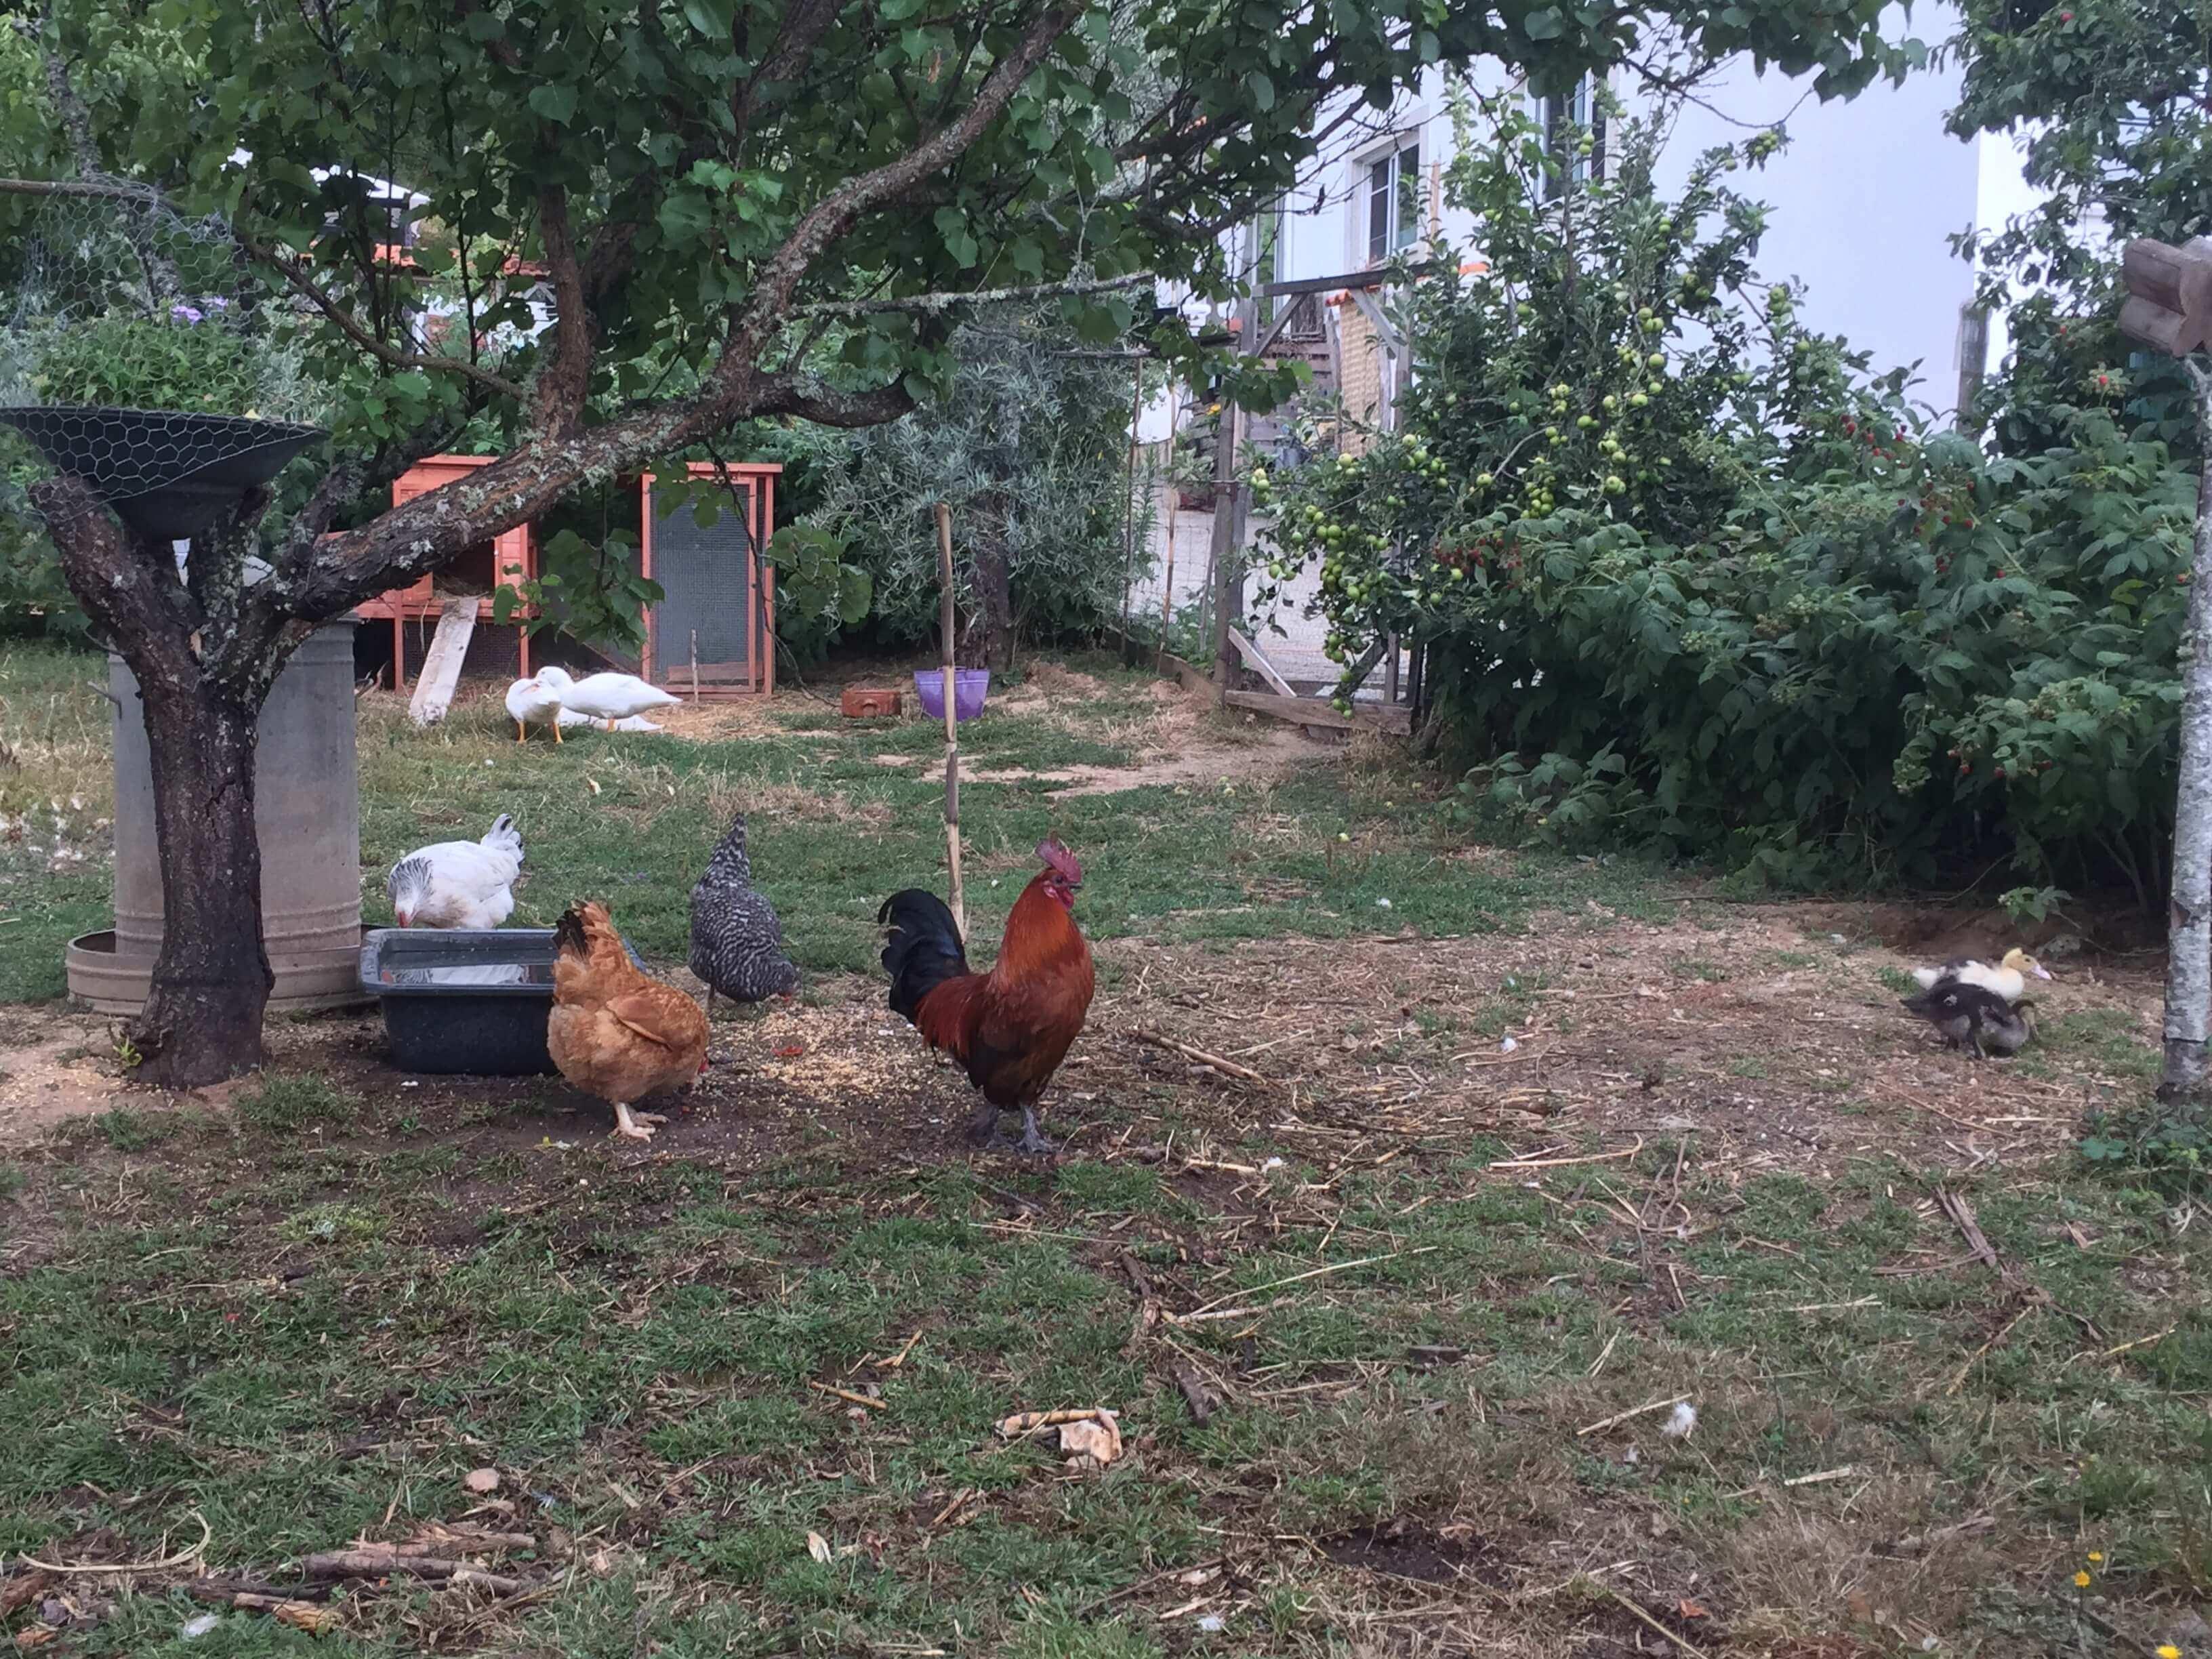 Casa Traca kippen en eenden